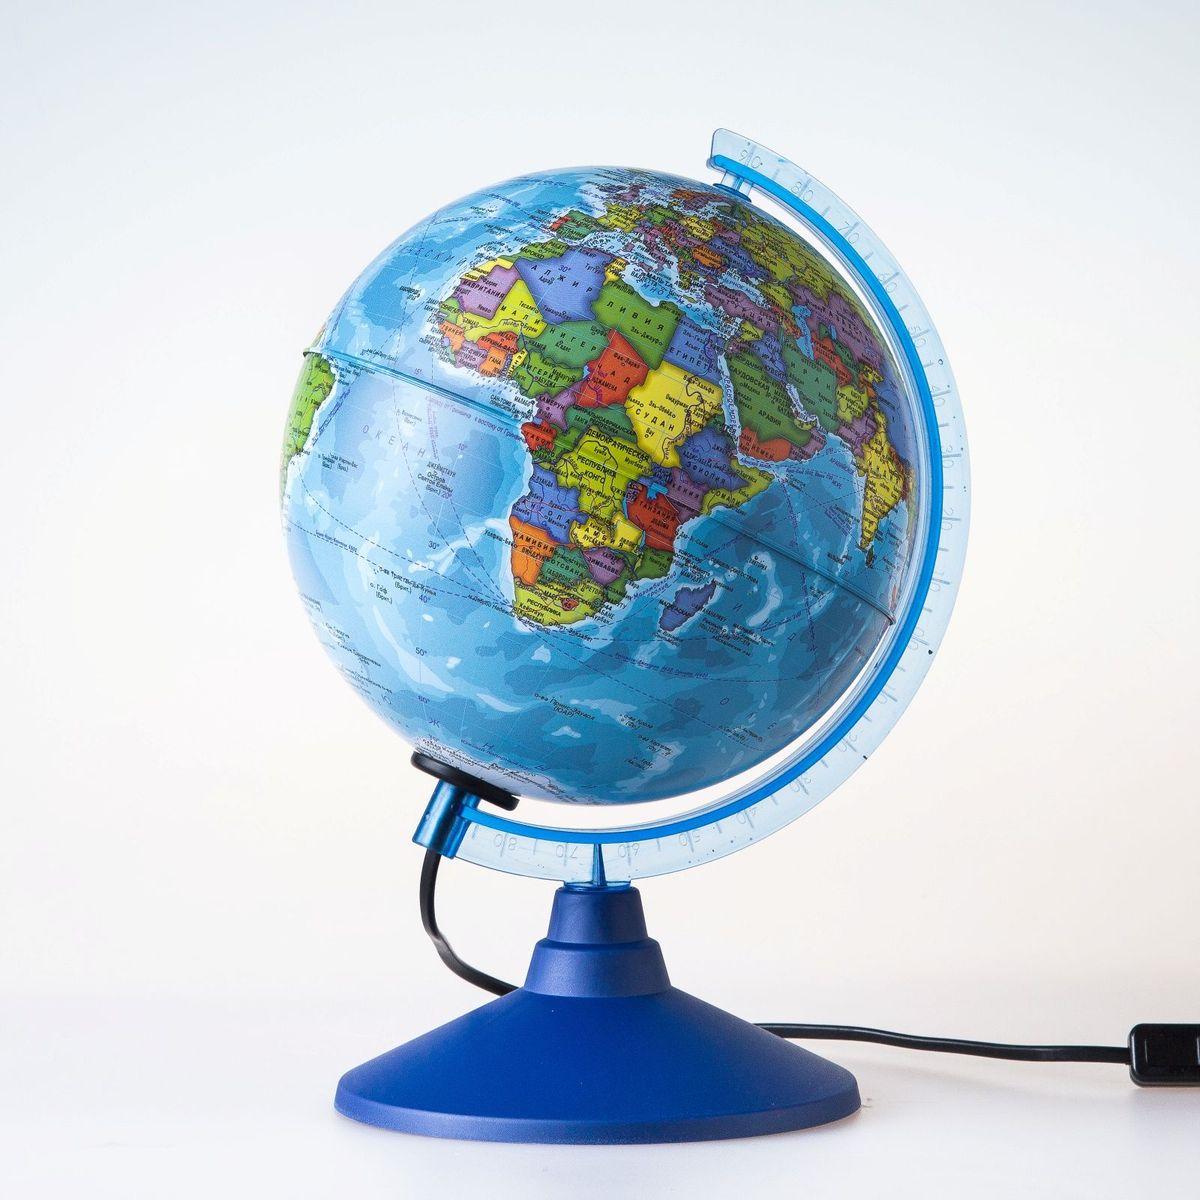 Глобен Глобус политический Классик Евро с подсветкой диаметр 15 см1072899Глобус для всех, глобус каждому! Глобус — самый простой способ привить ребенку любовь к географии. Он является отличным наглядным примером, который способен в игровой доступной и понятной форме объяснить понятия о планете Земля. Также интерес к глобусам проявляют не только детки, но и взрослые. Для многих уменьшенная копия планеты заменяет атлас мира из-за своей доступности и универсальности. Умный подарок! Кому принято дарить глобусы? Всем! Глобус политический диаметр 150мм Классик Евро с подсветкой — это уменьшенная копия земного шара, в которой каждый найдет для себя что-то свое. путешественники и заядлые туристы смогут отмечать с помощью стикеров те места, в которых побывали или собираются их посетить деловые и успешные люди оценят такой подарок по достоинству, потому что глобус ассоциируется со статусом и властью преподаватели, ученые, студенты или просто неординарные личности также найдут для глобуса достойное место в своем доме. Итак,...